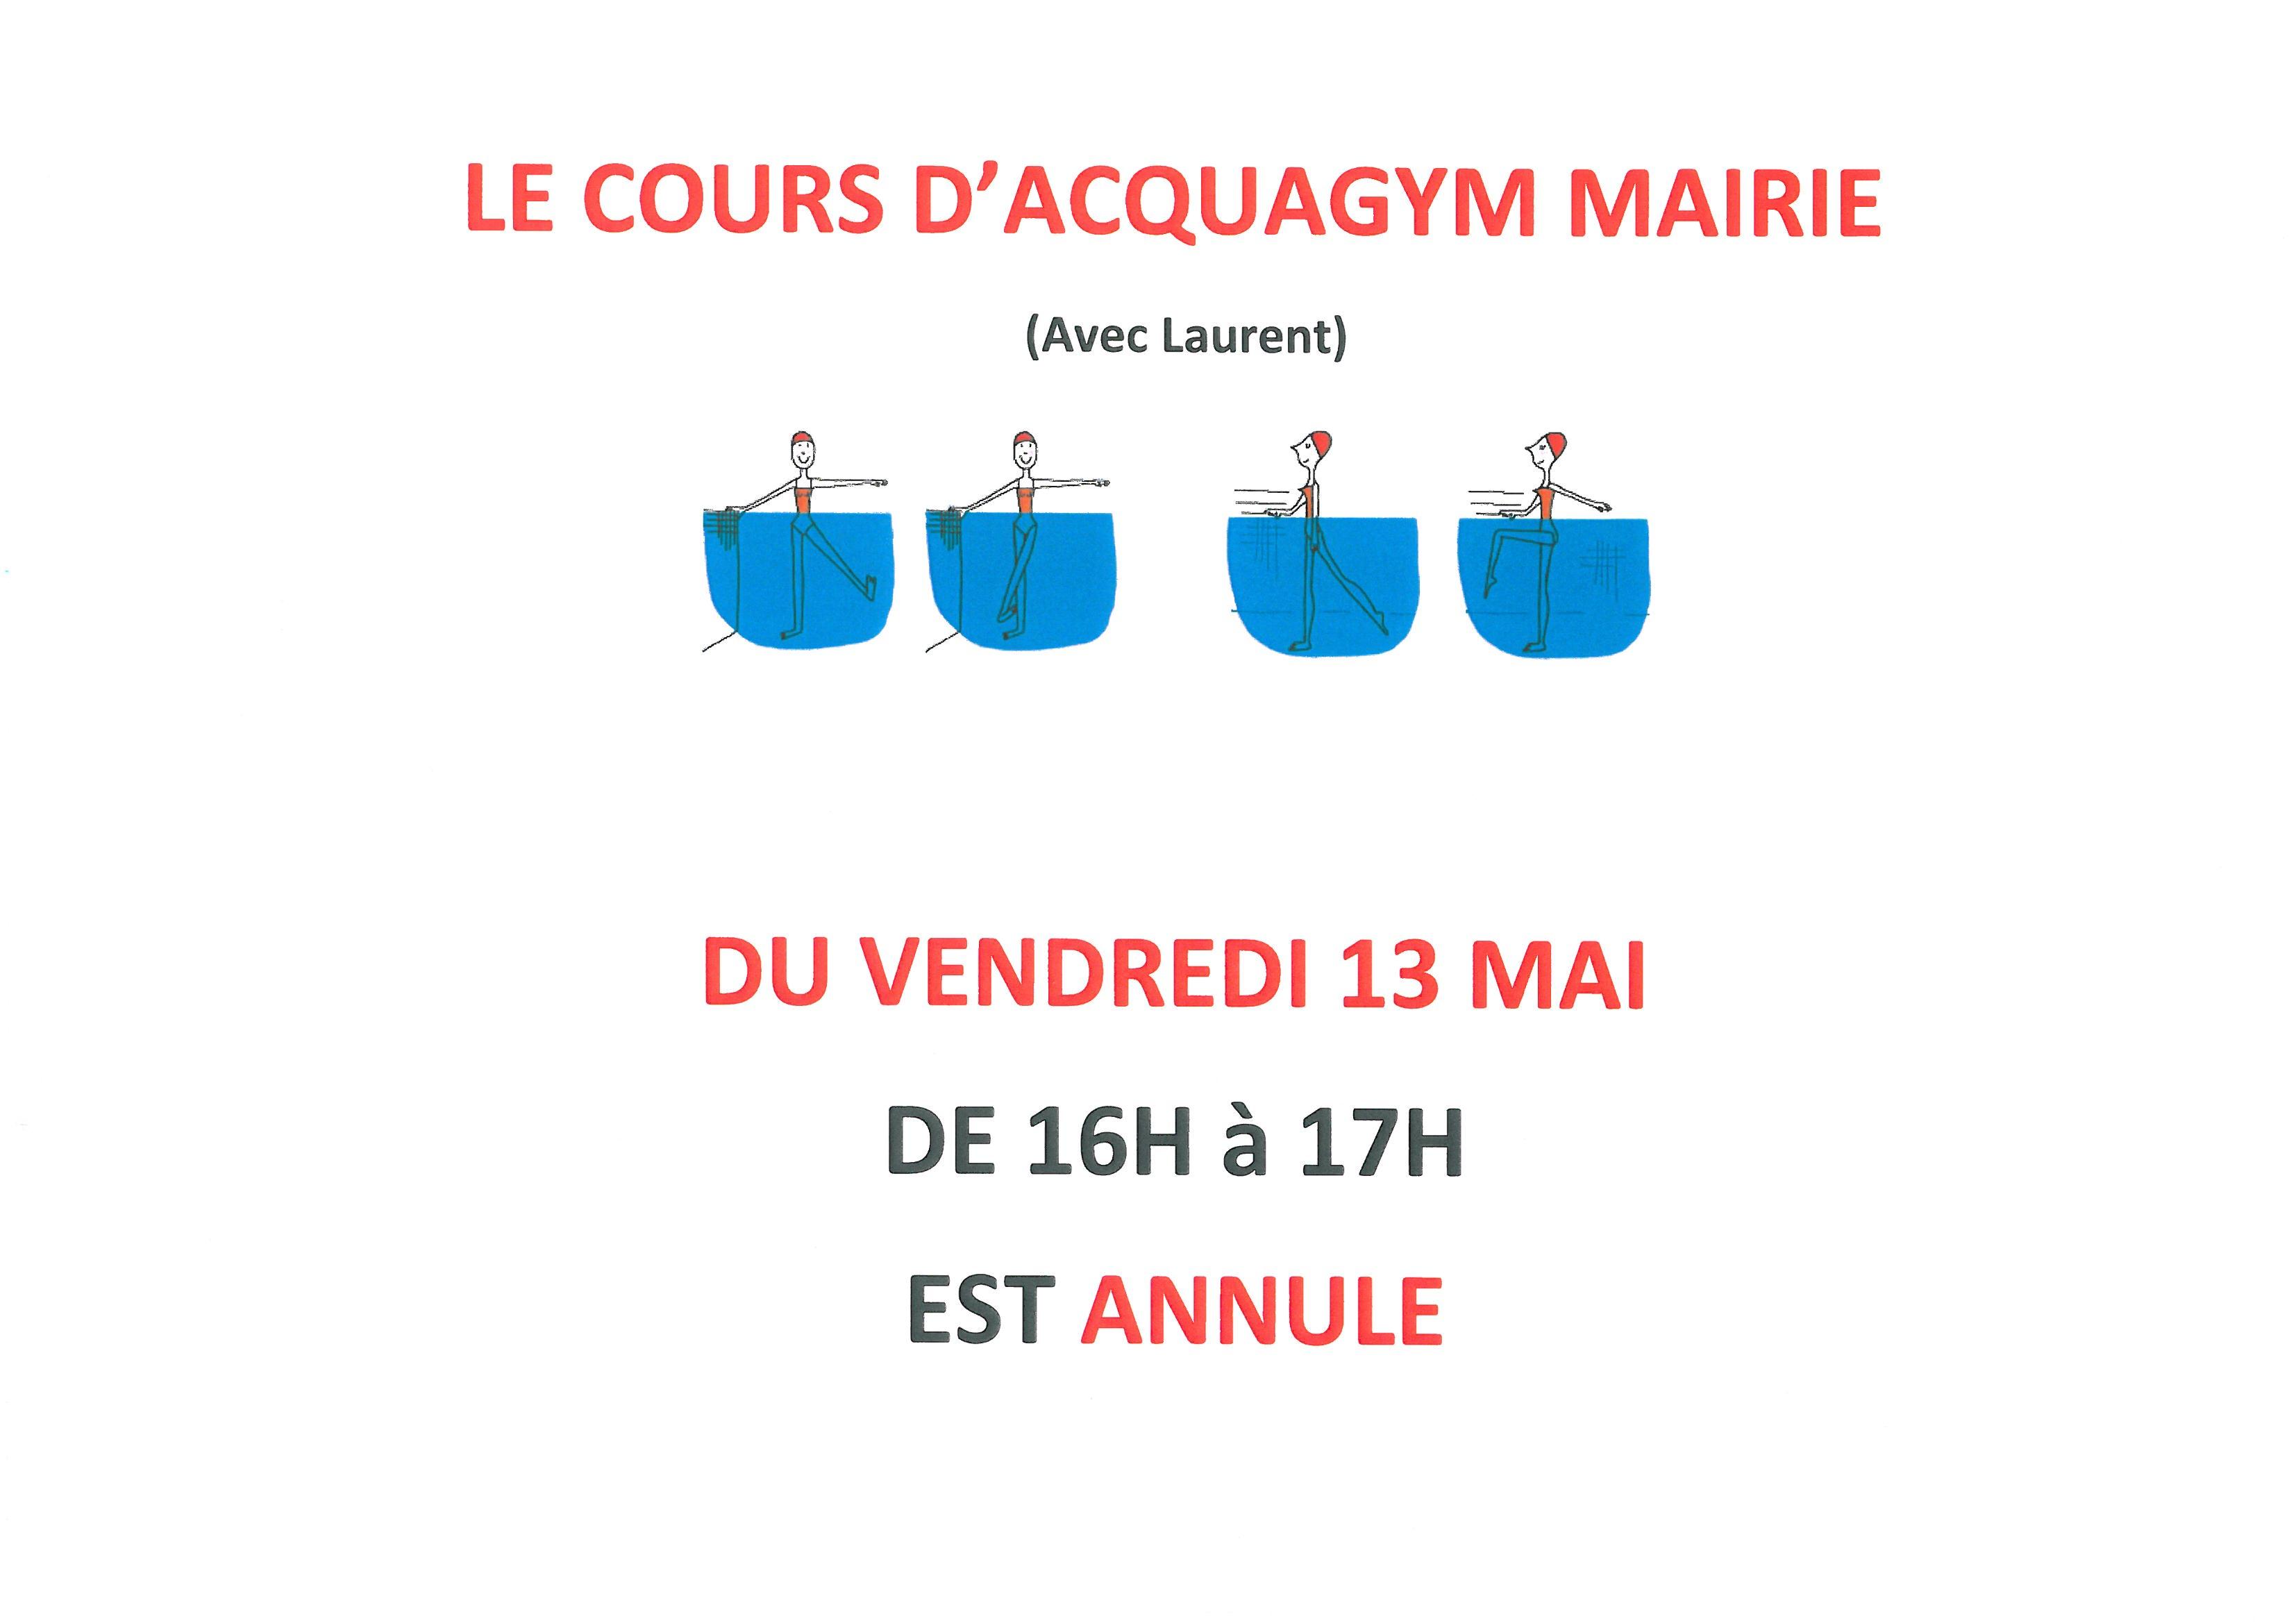 La SEANCE d' ACQUAGYM du vendredi 13 mai de 16h à 17h est annulée